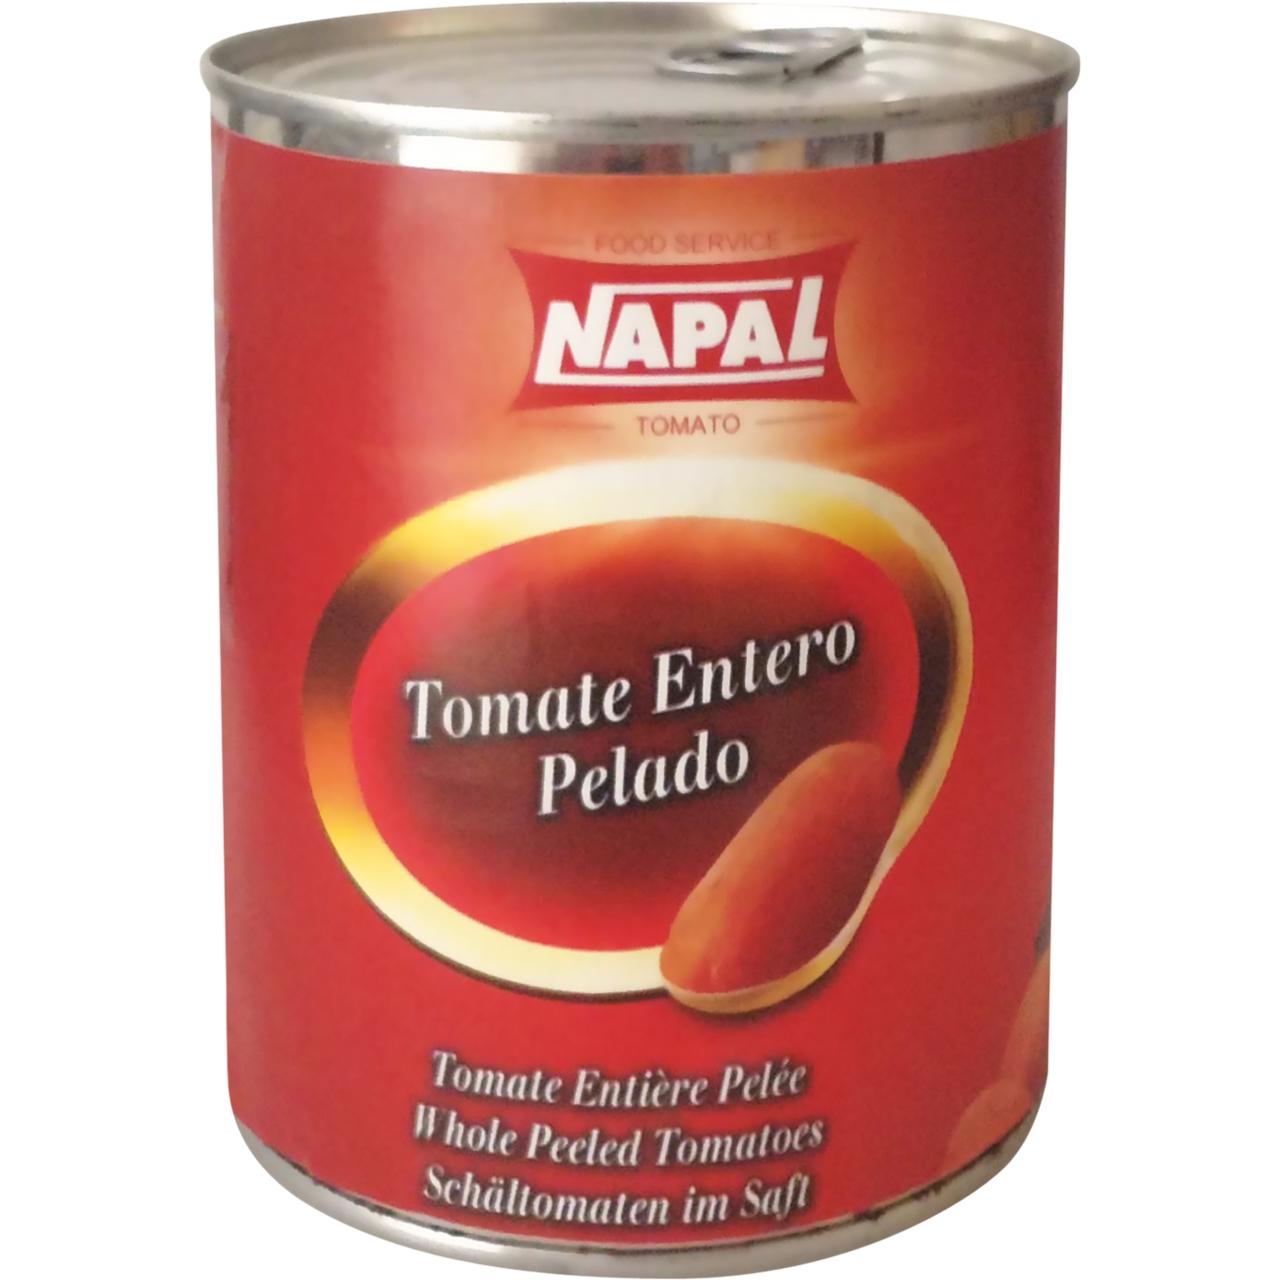 Tomate entero pelado 1kg. Napal